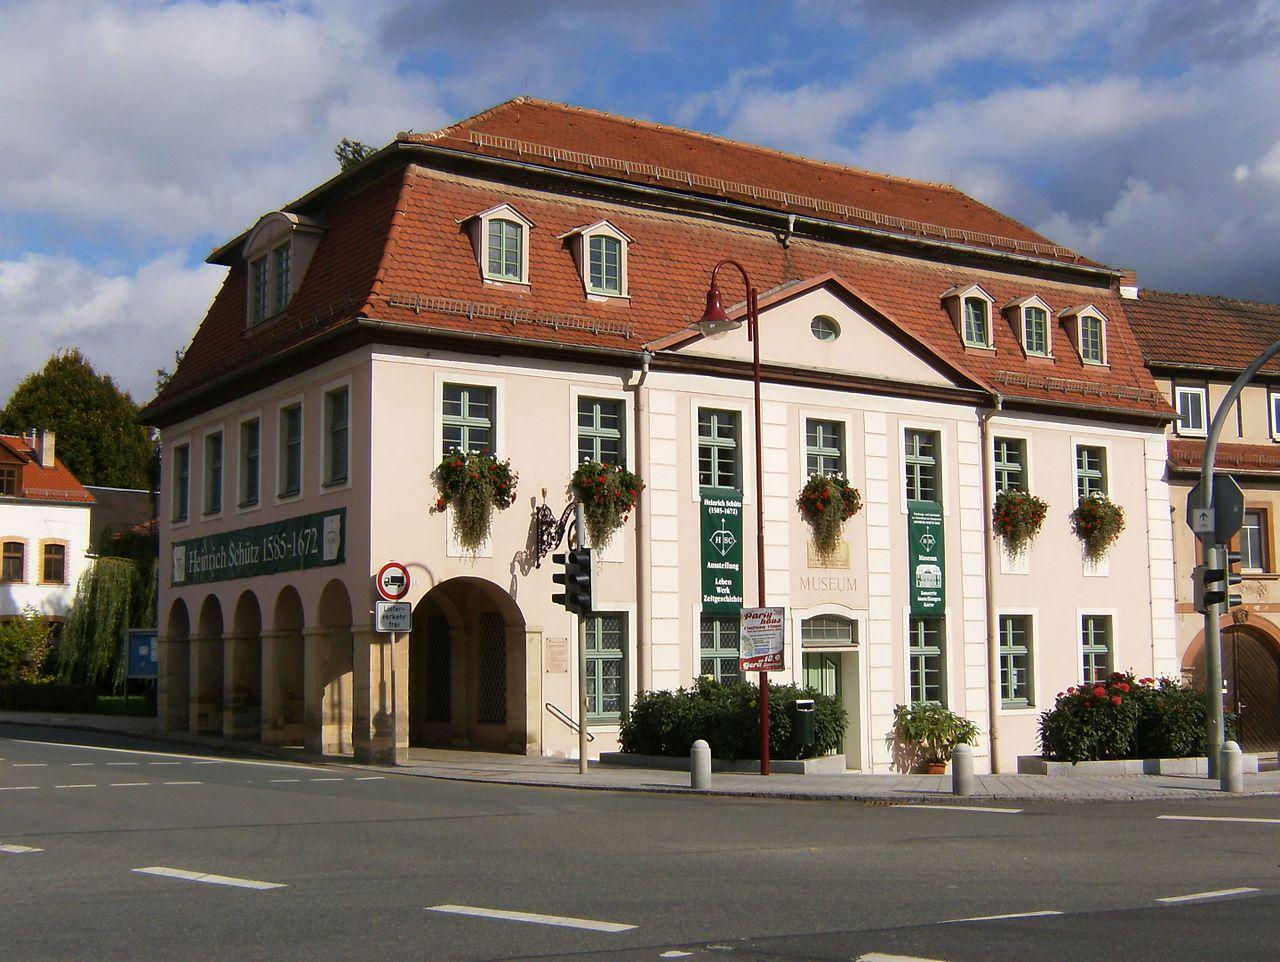 Bild Heinrich Schütz Haus Bad Köstritz